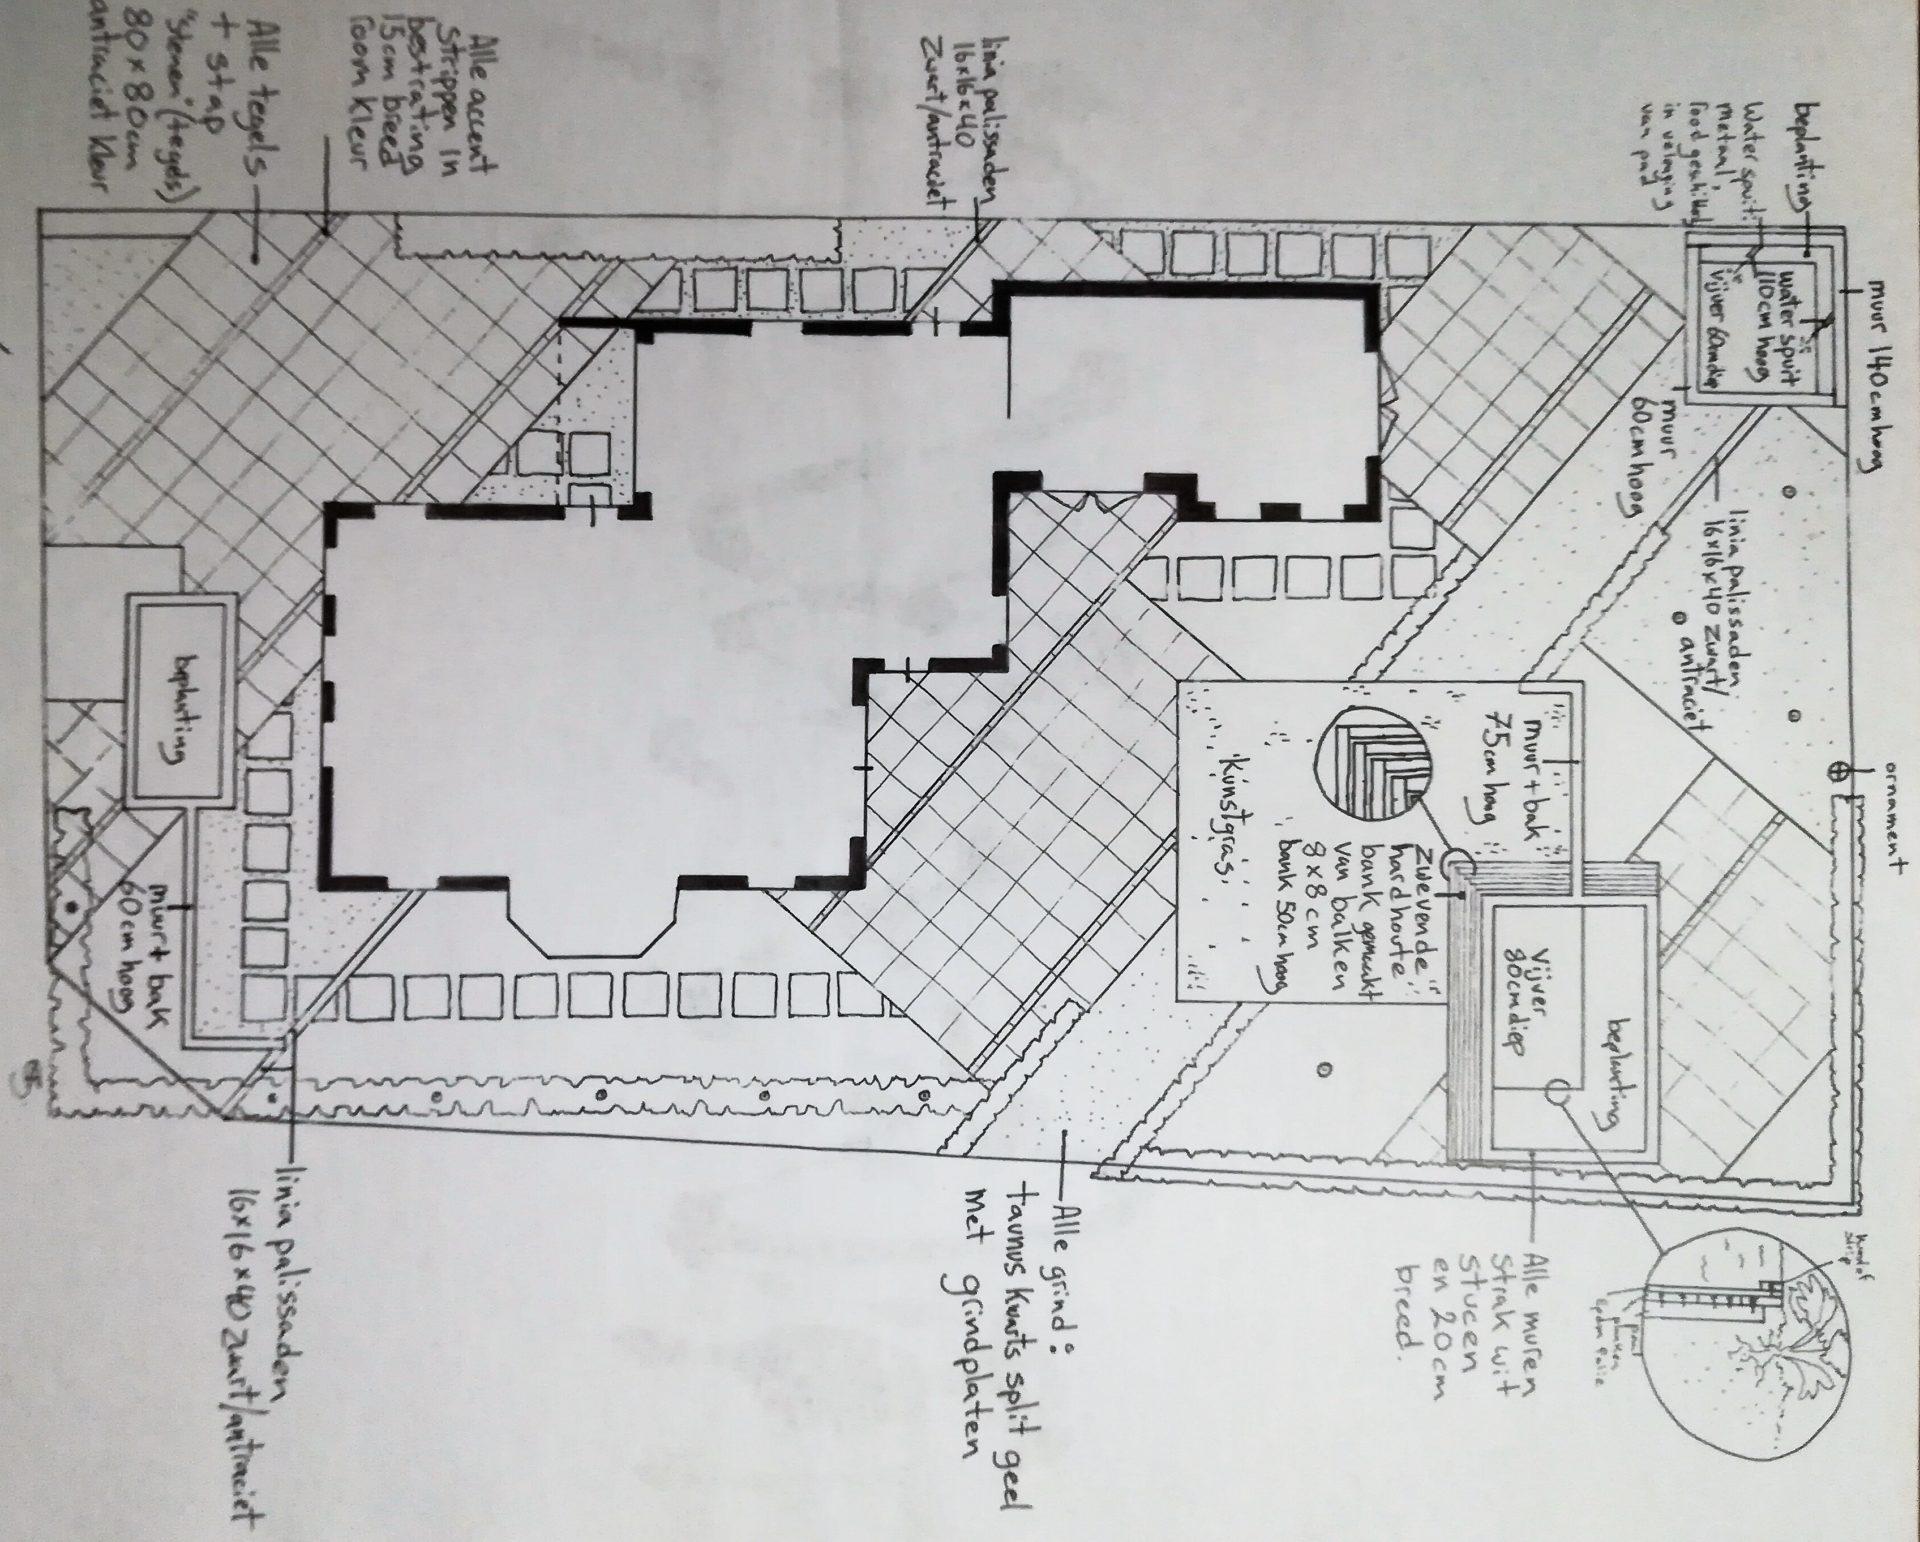 technische tekening tuin met diagonale lijnen